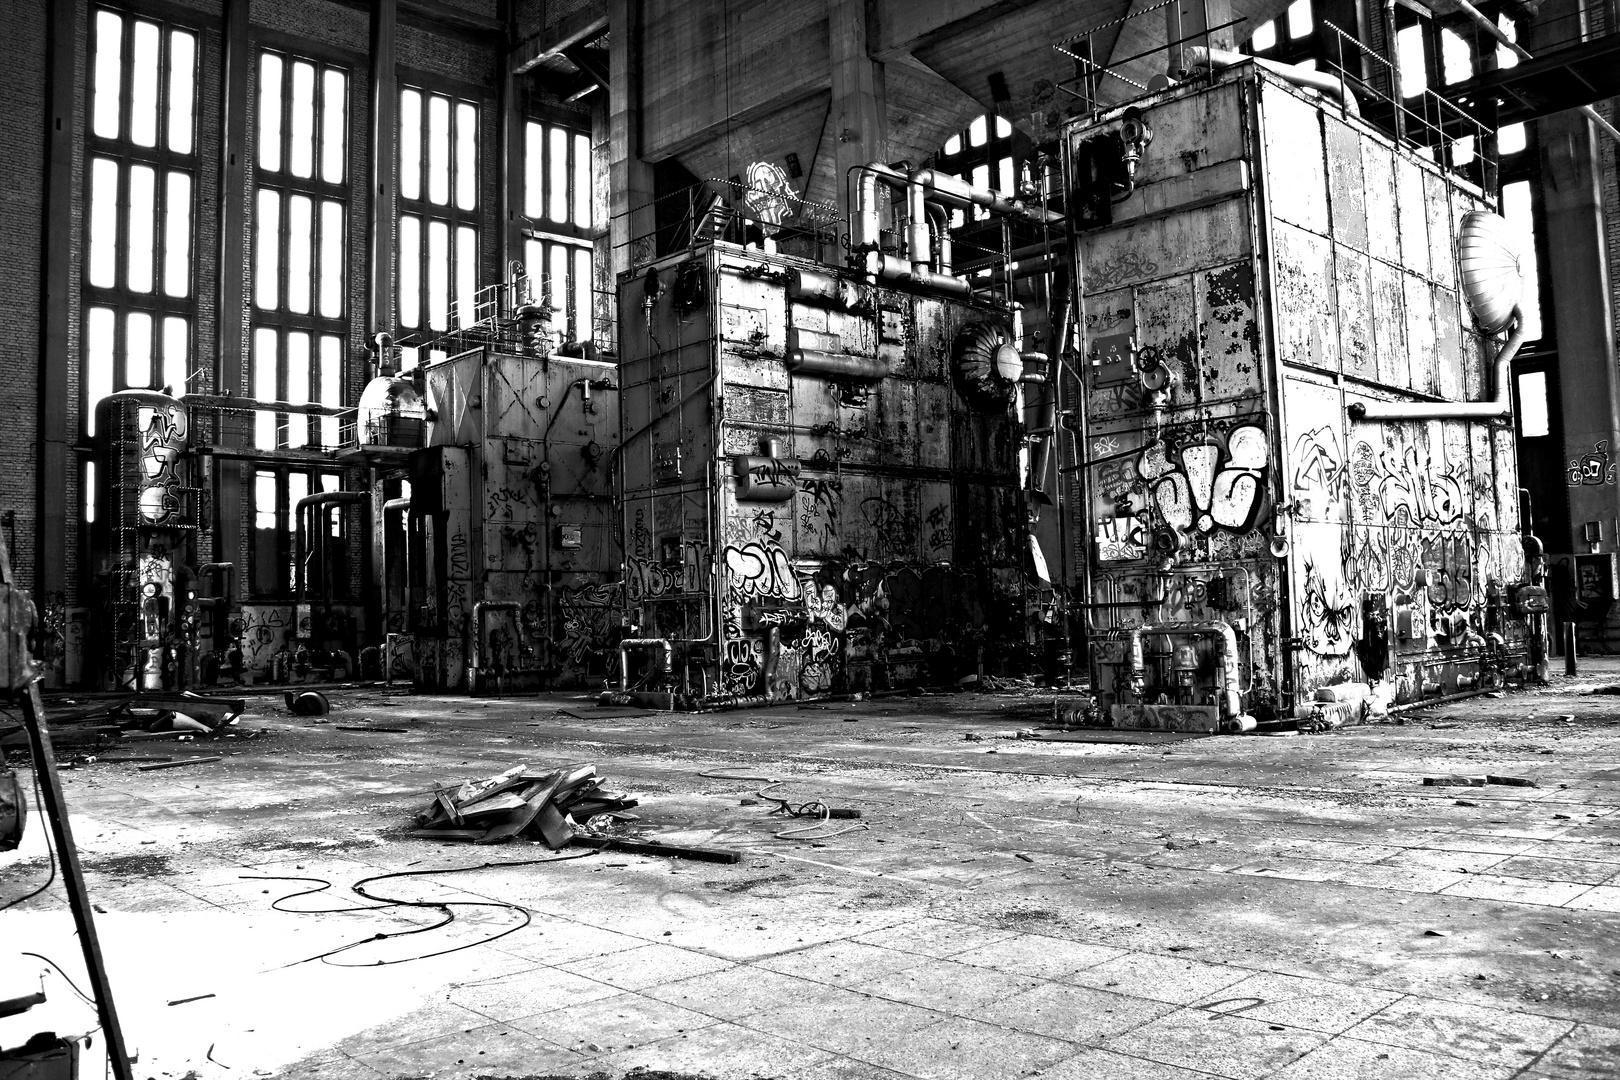 Das alte Heizkraftwerk der Bahn